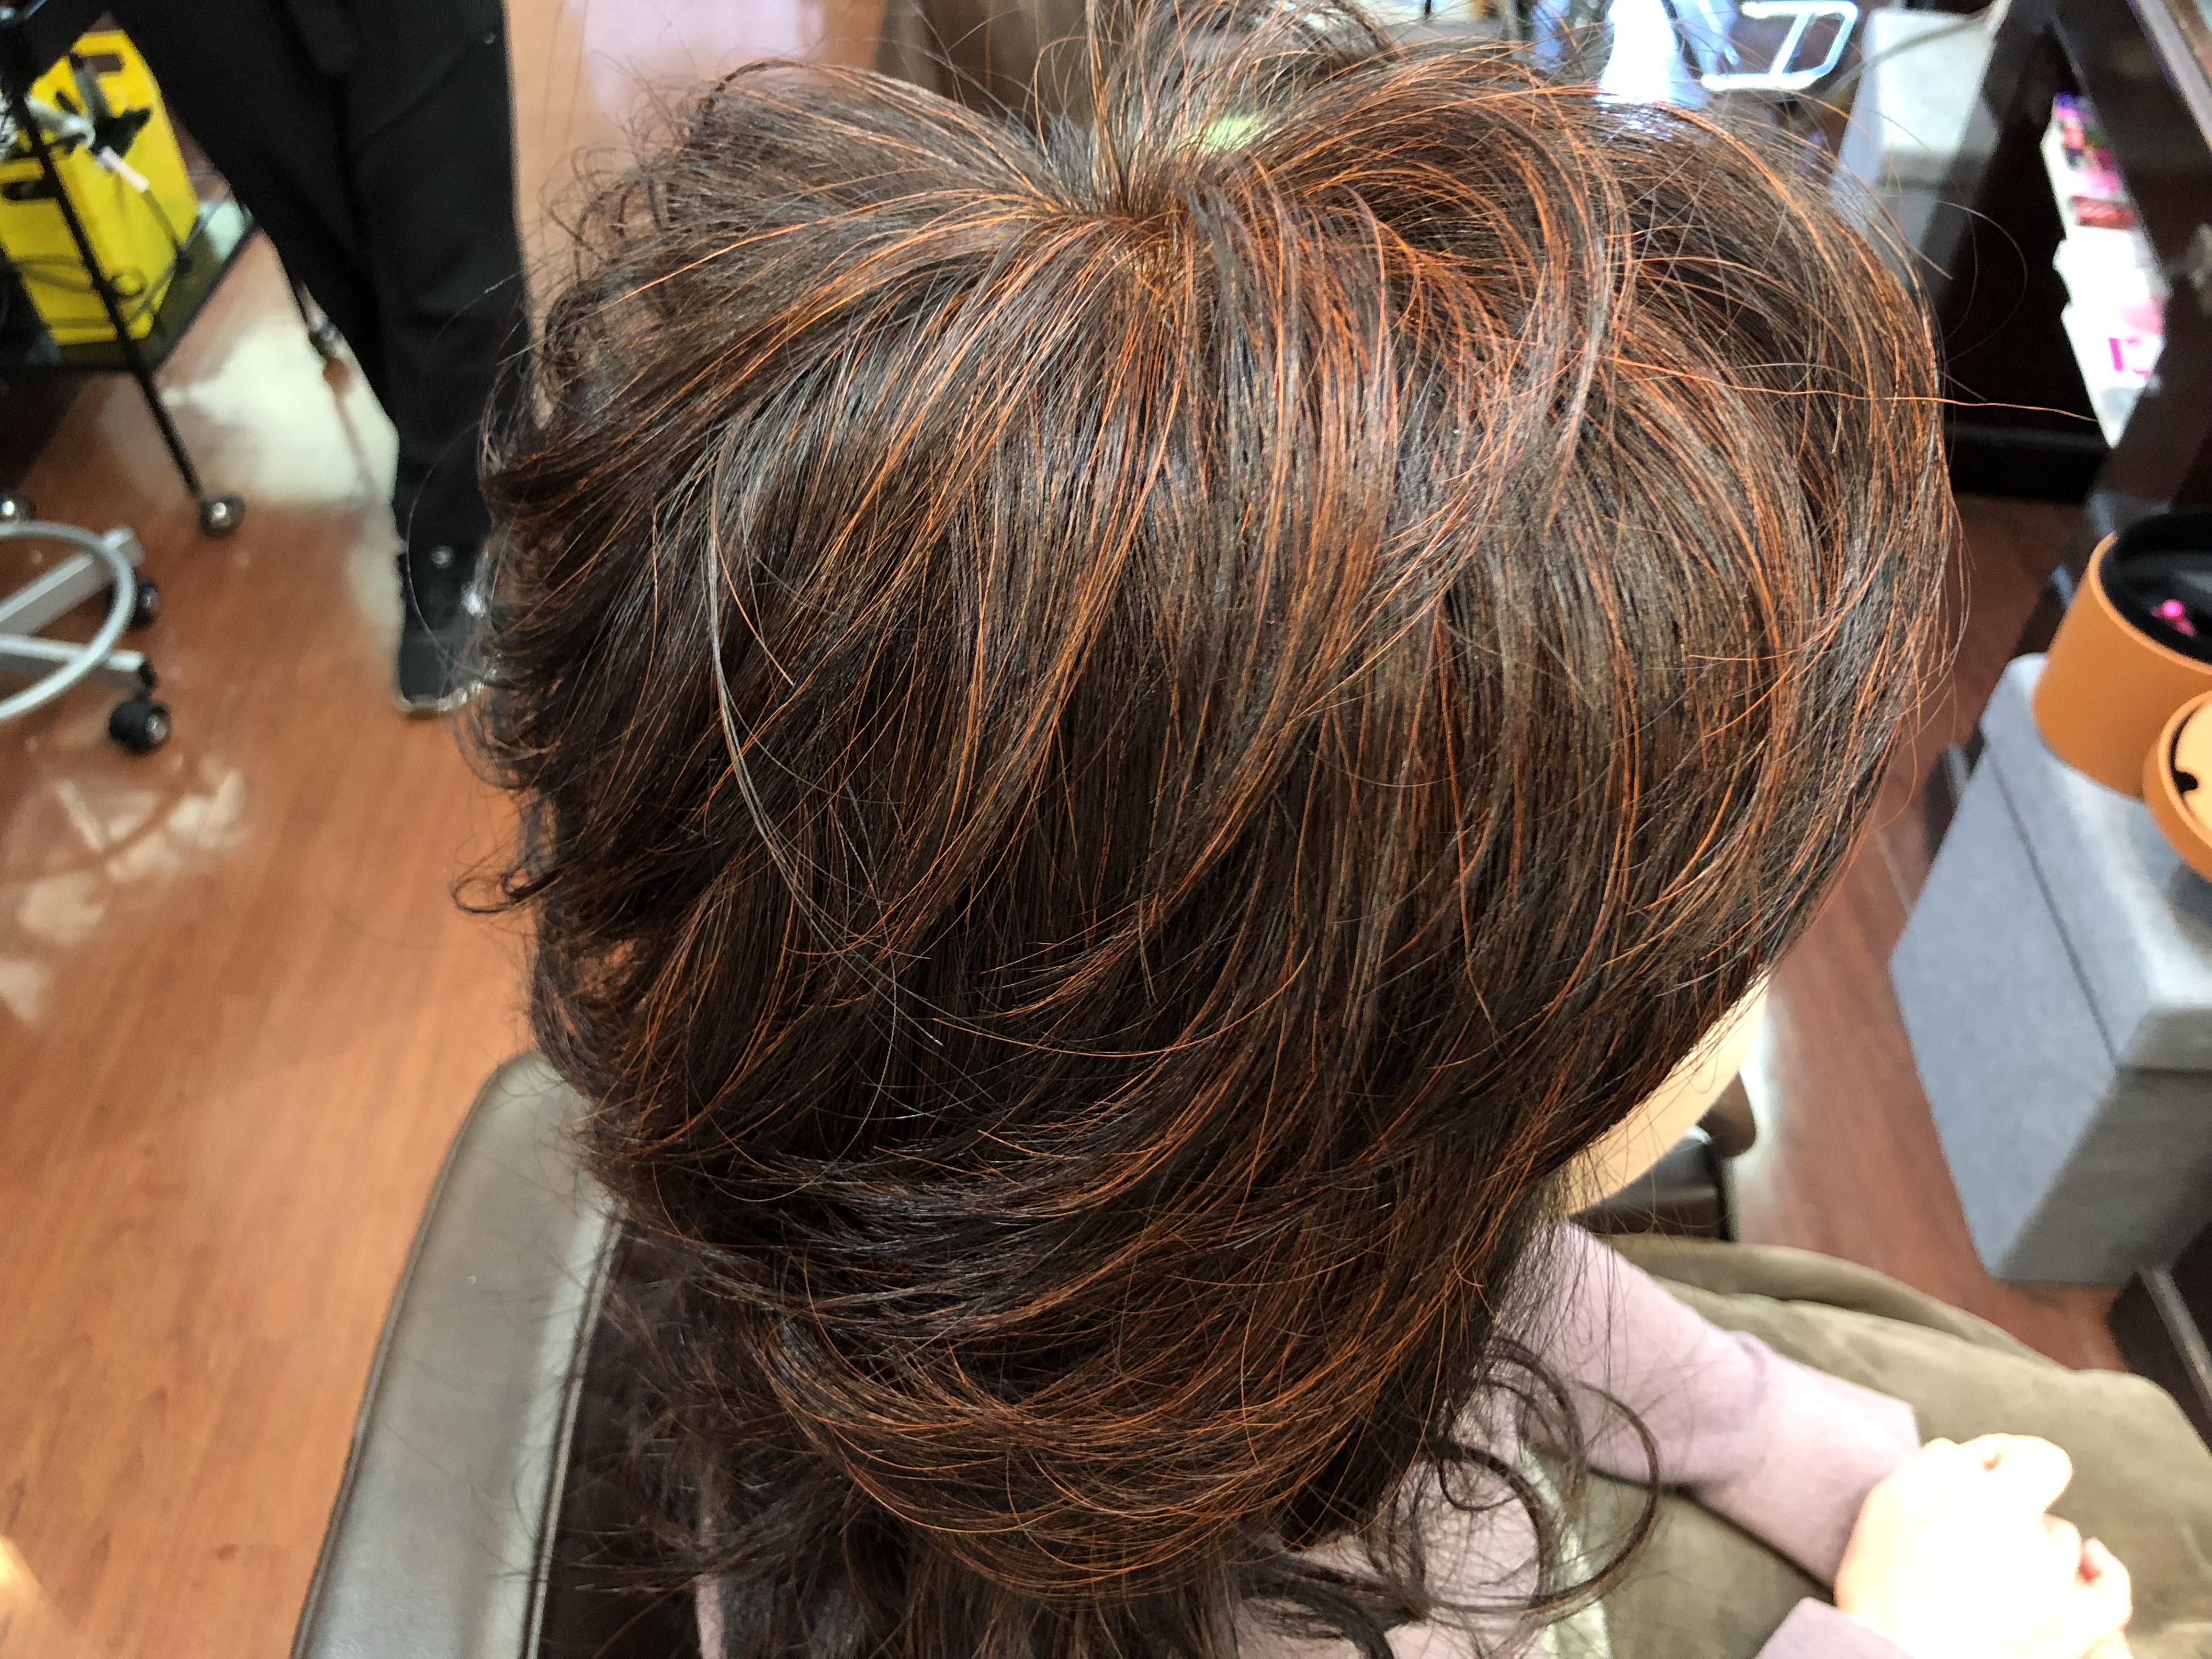 50代、カラーをこのまま続けるか でも頭皮と髪の10年後を心配と考えるなら・・